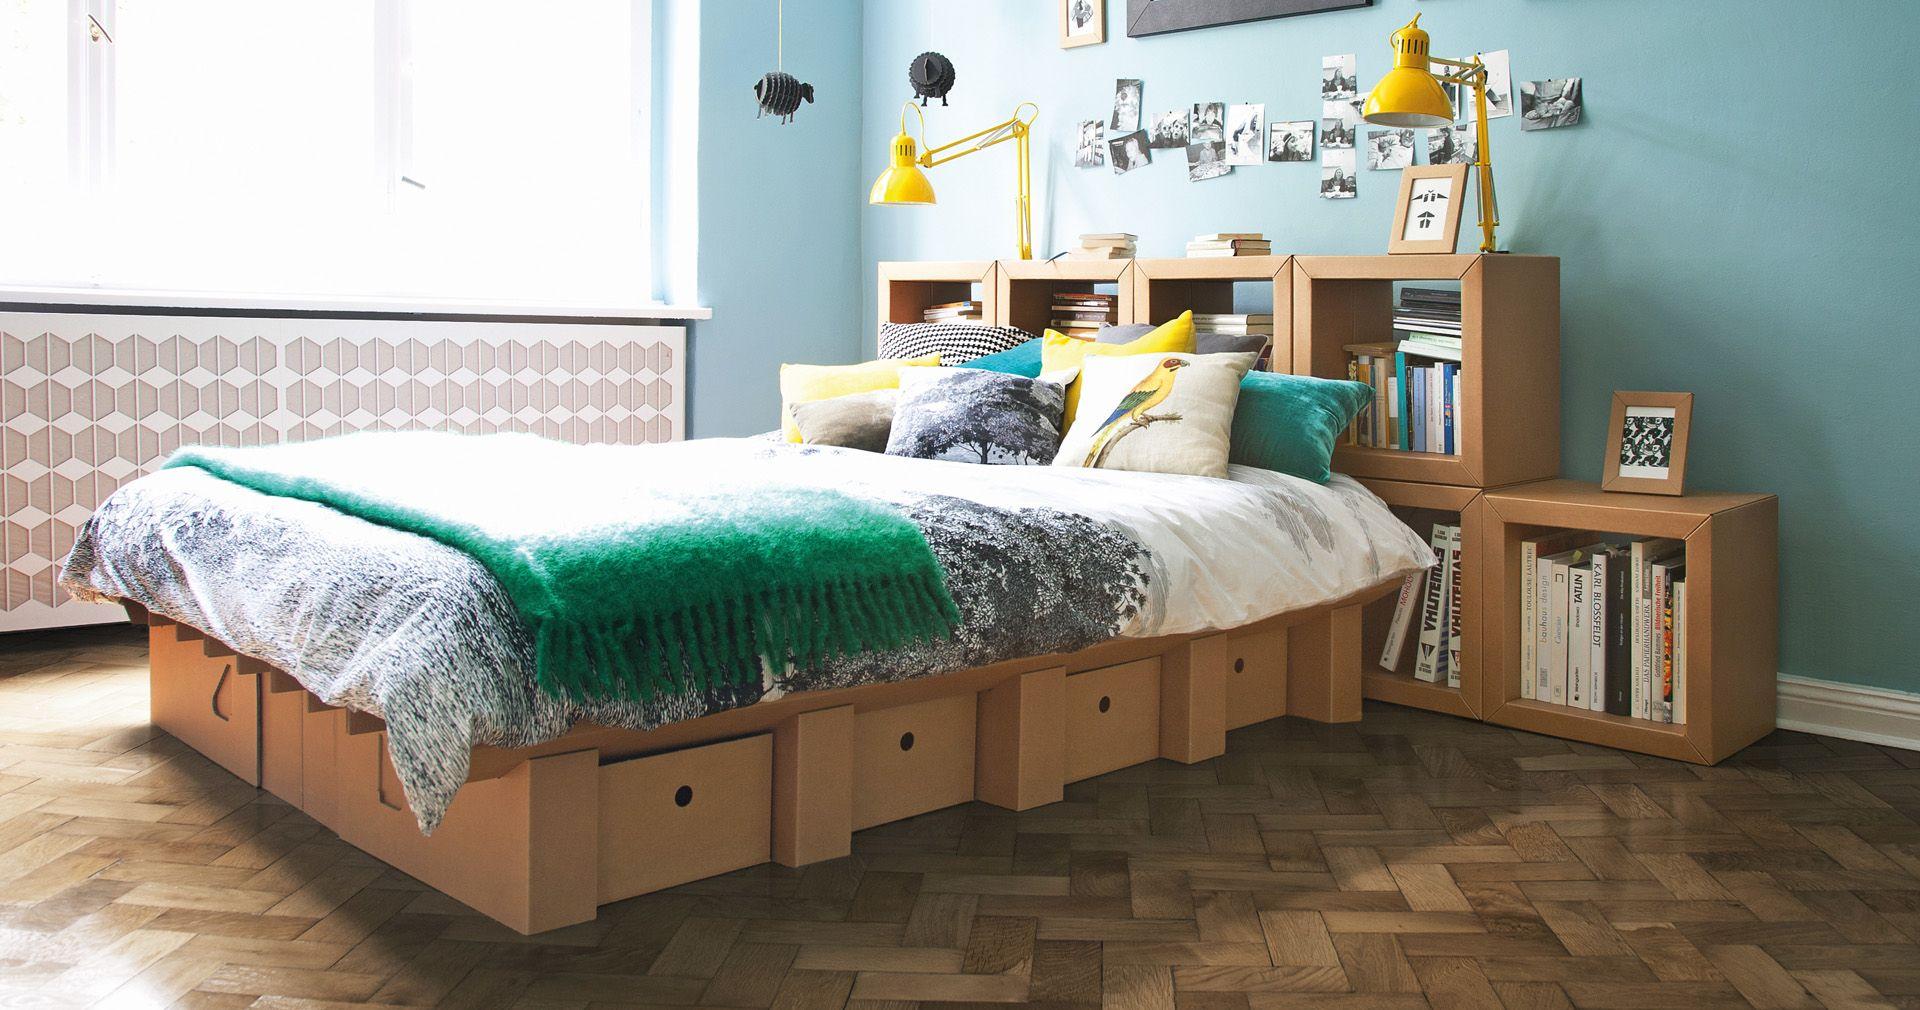 Home Page   Pappmöbel U2013 Shop Für Möbel Aus Pappe Von Stange Design